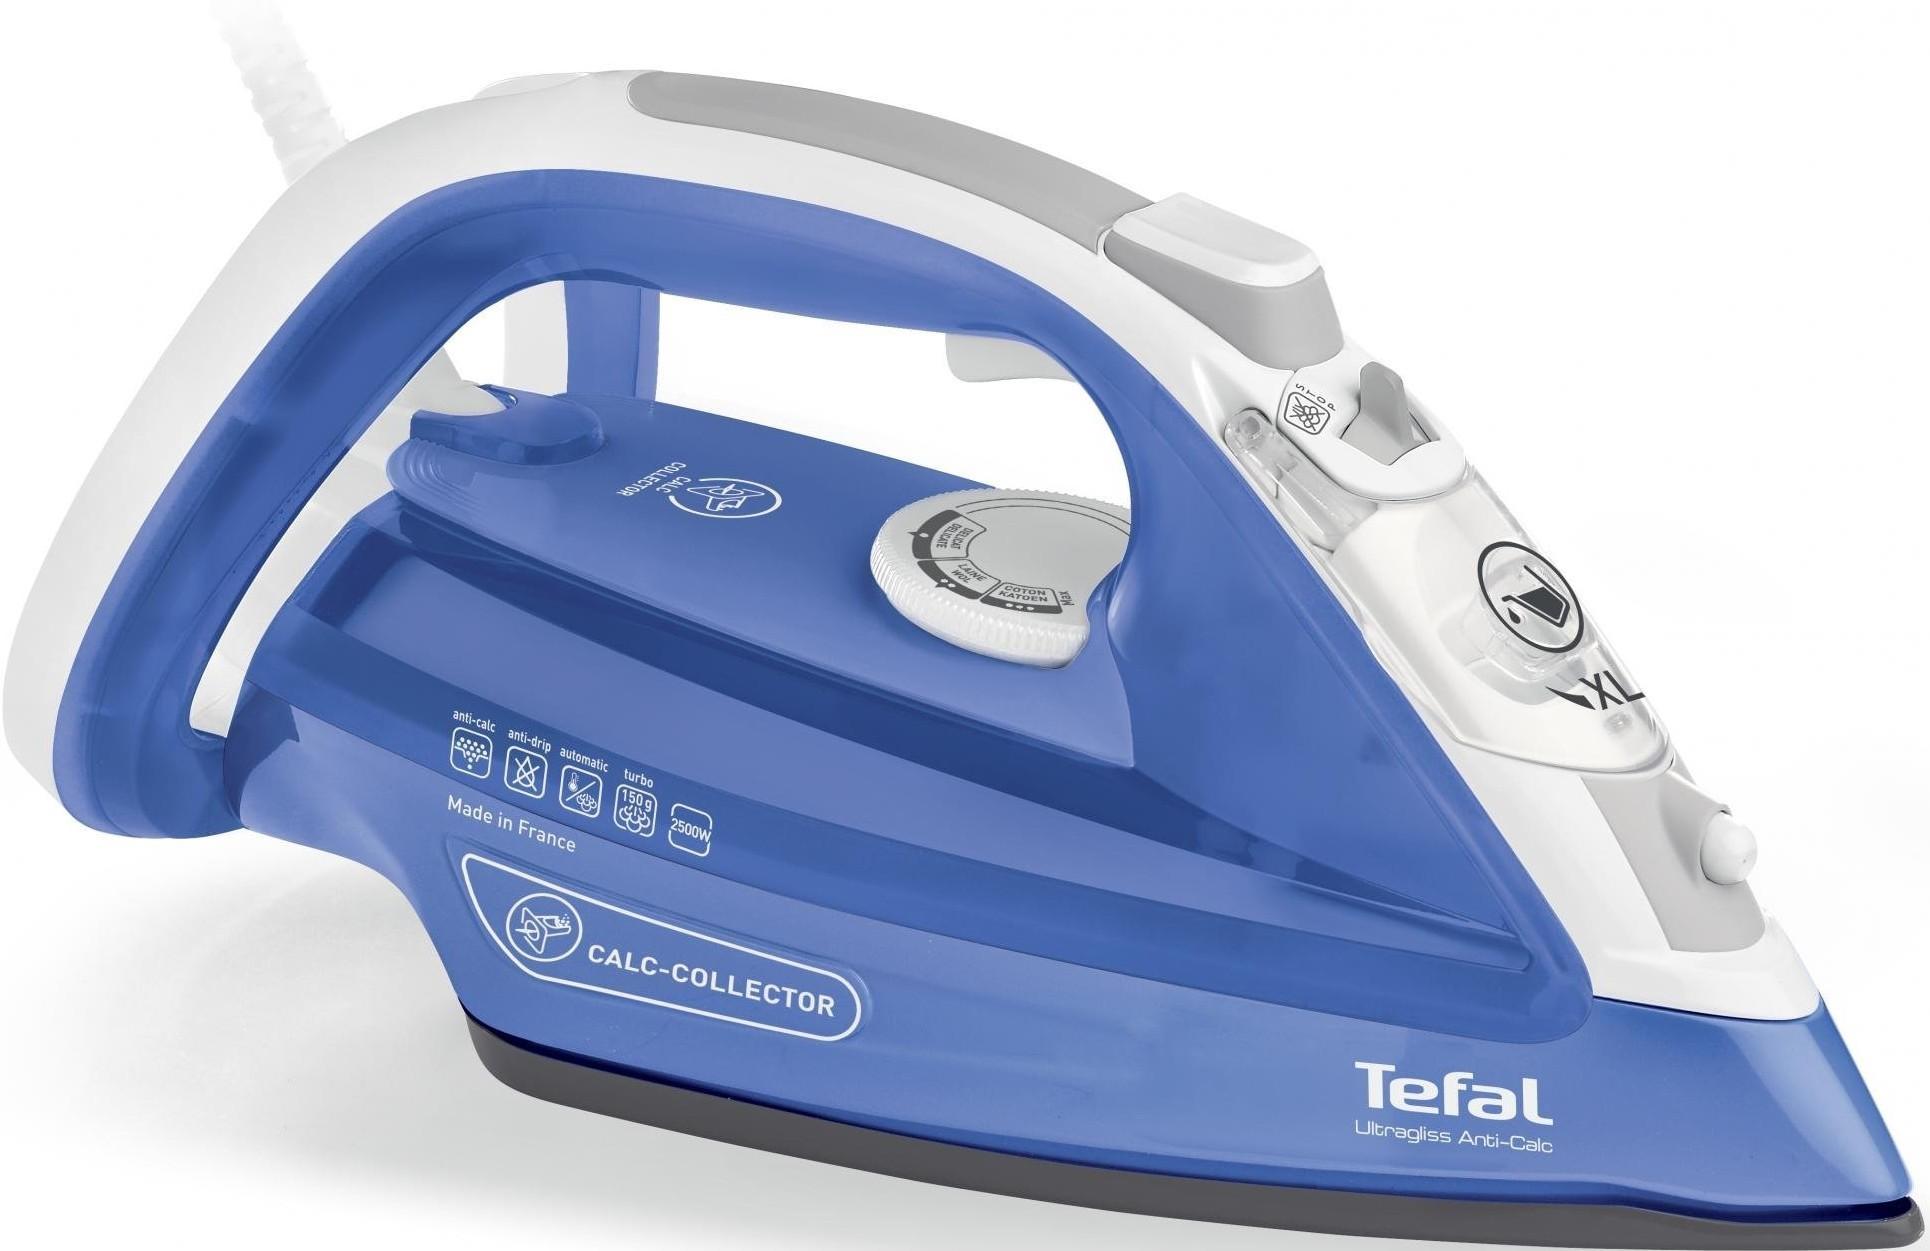 Tefal FV 4944 E0